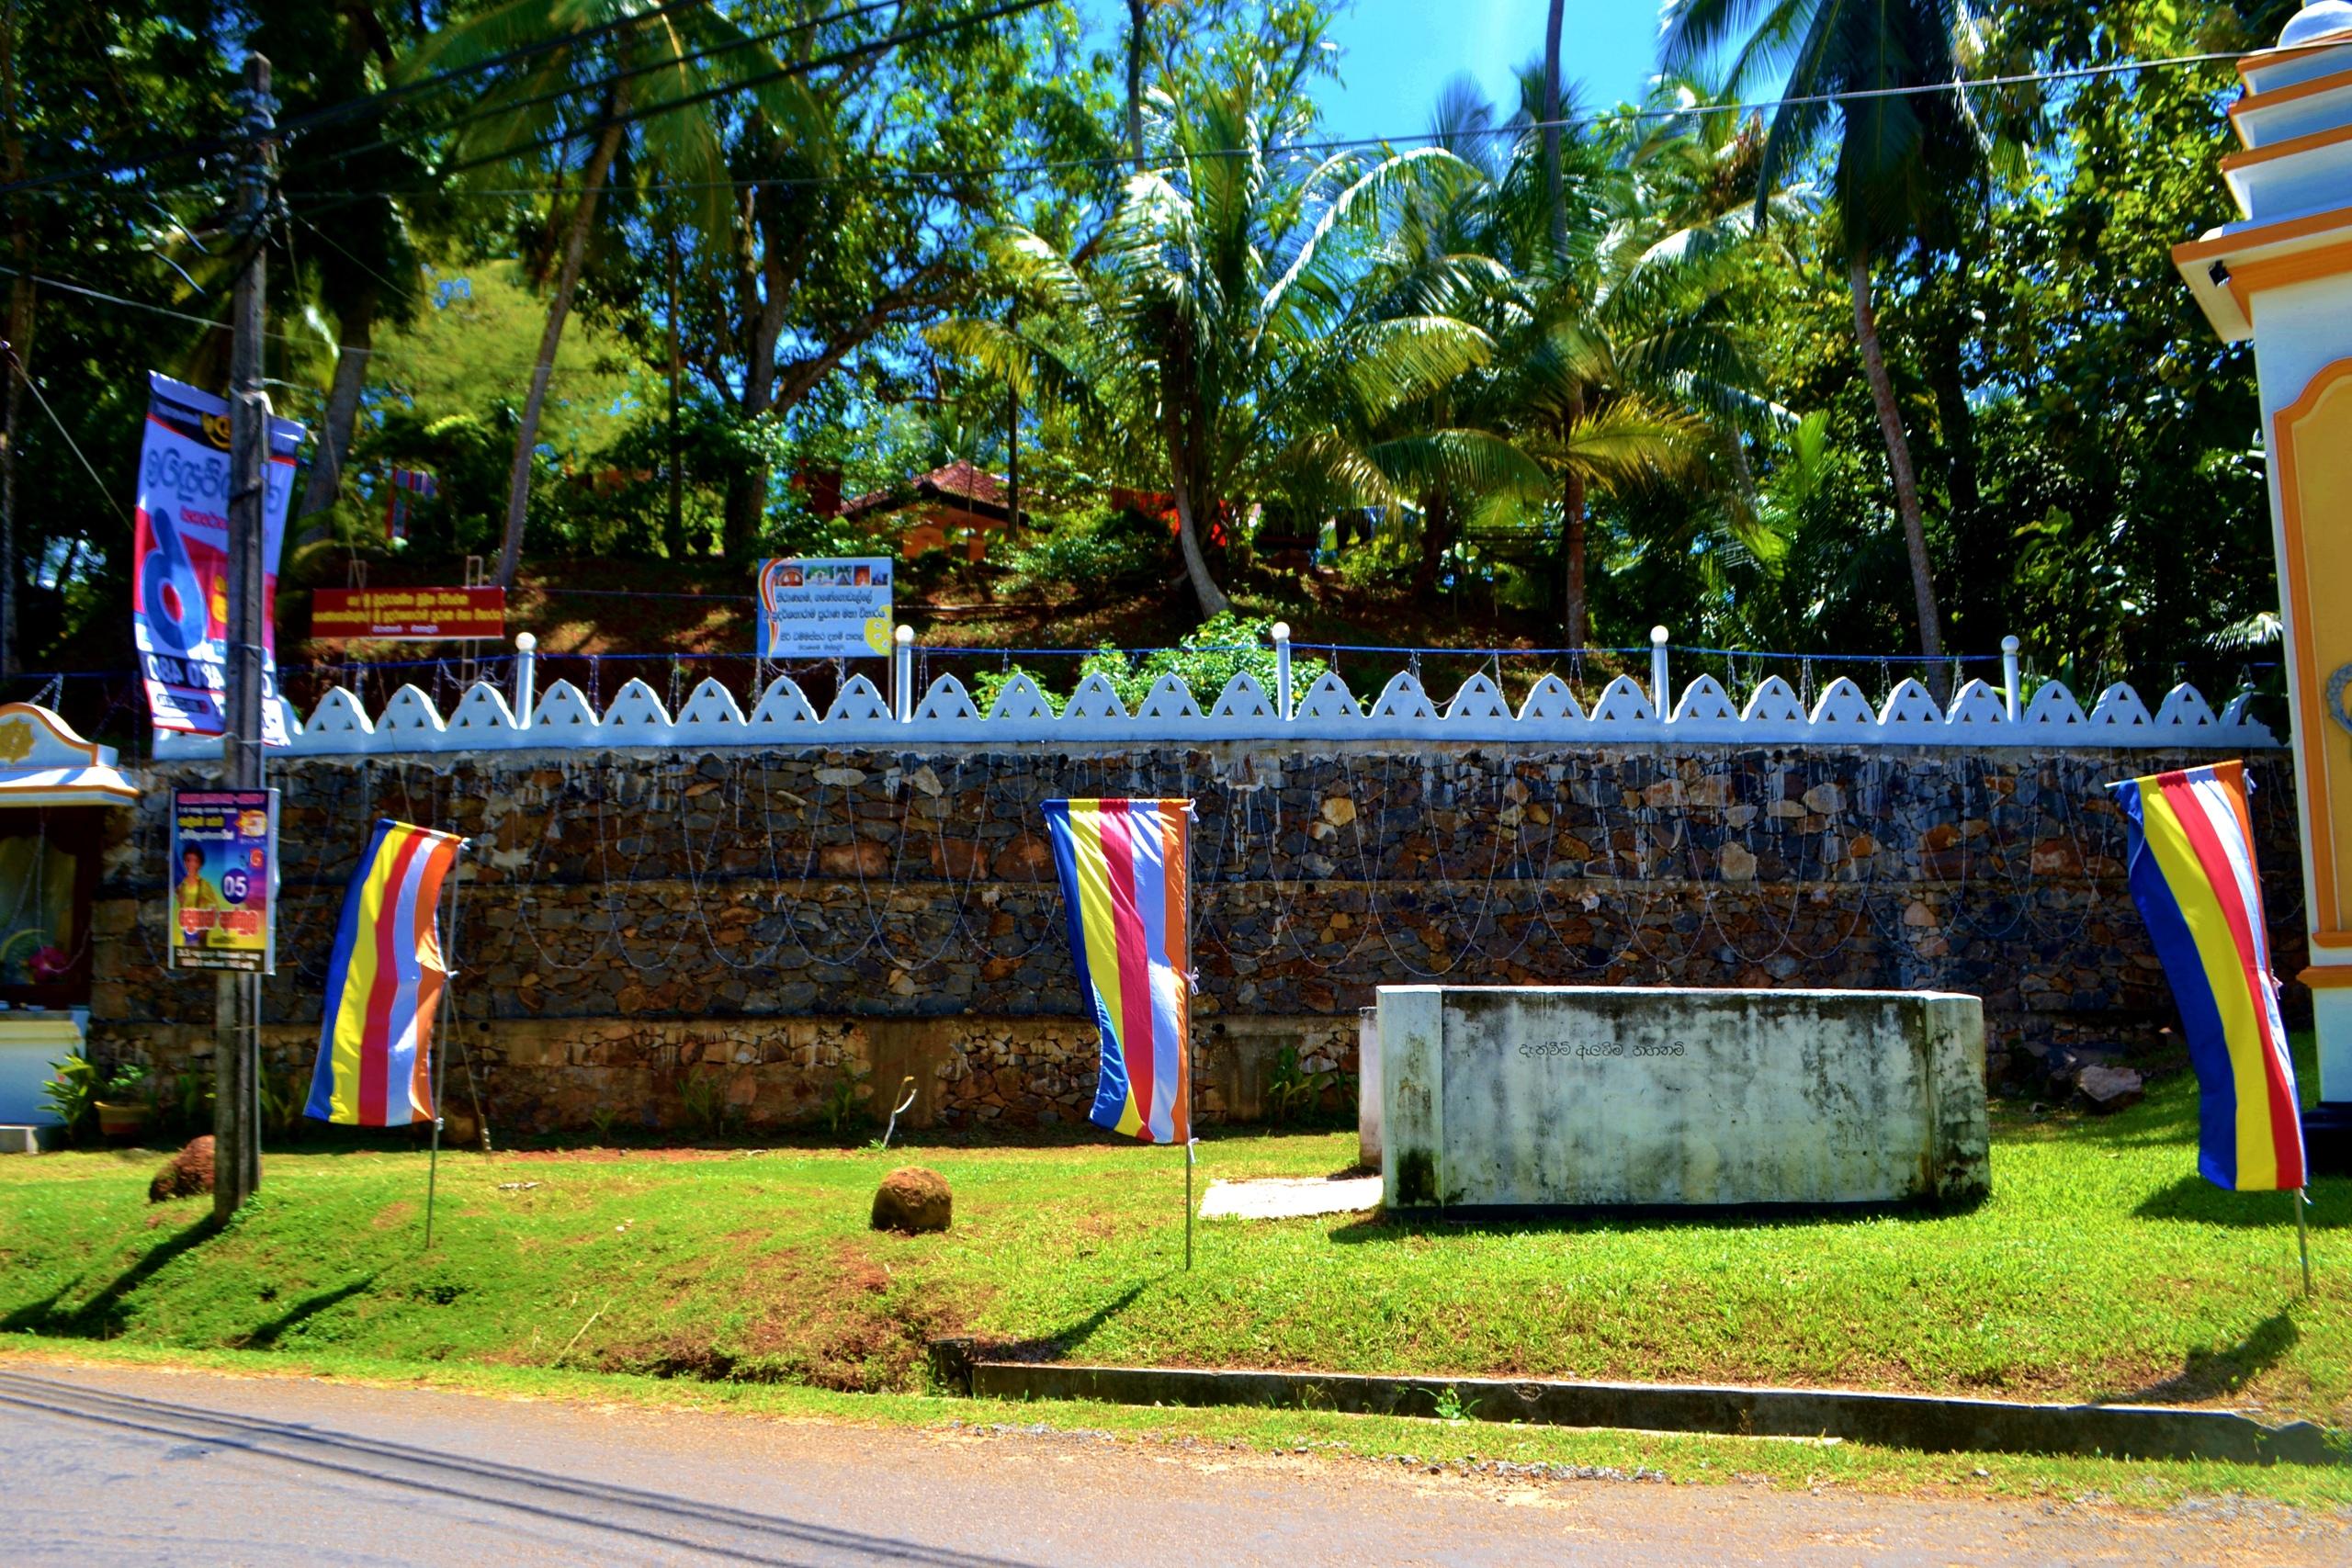 Шри Ланка (фото) - Страница 2 GxW_hyrN7I0